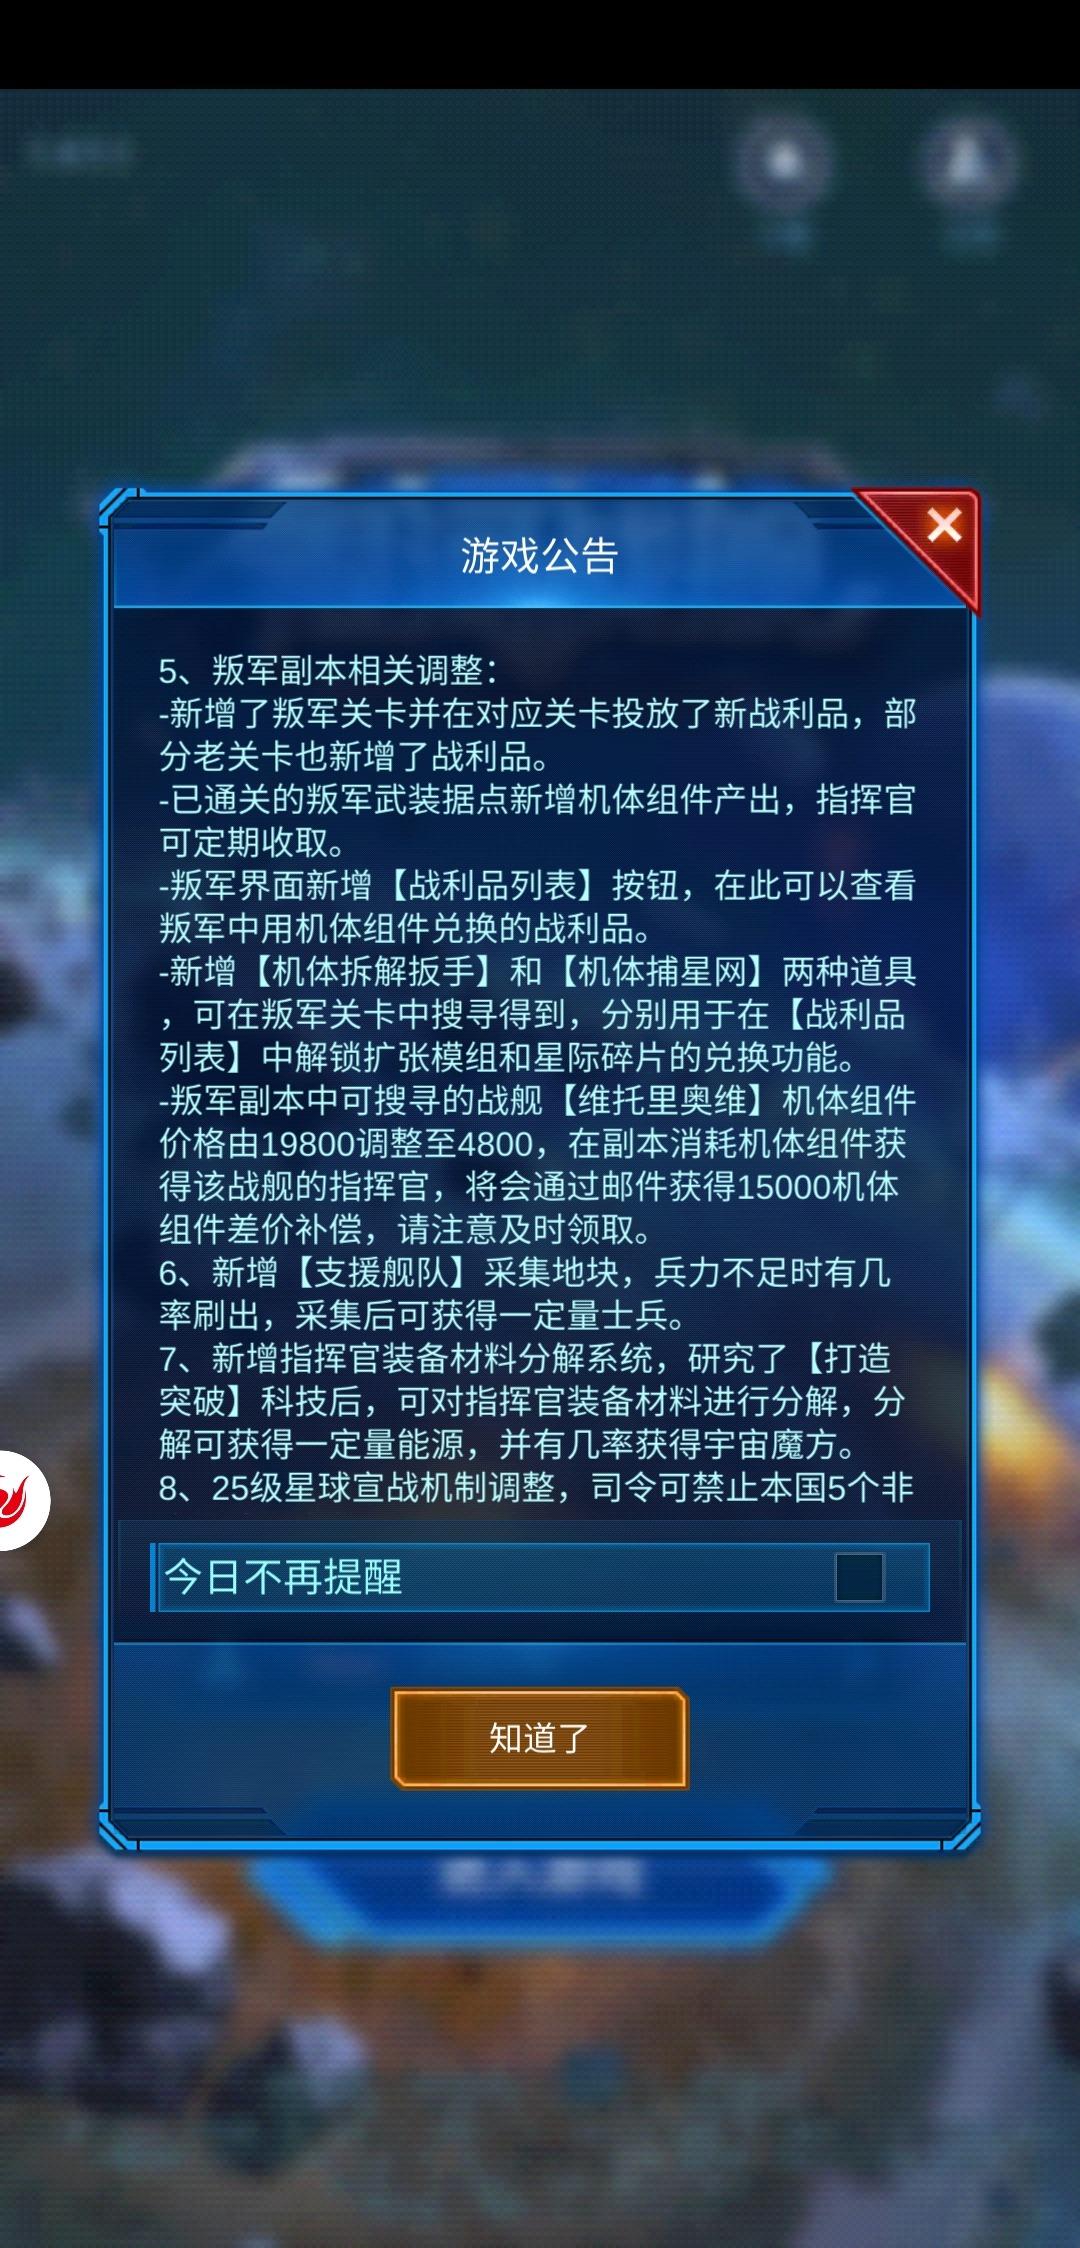 Screenshot_2020-04-24-14-23-04-284_com.yhzj.jedi.yueqiu.jpg